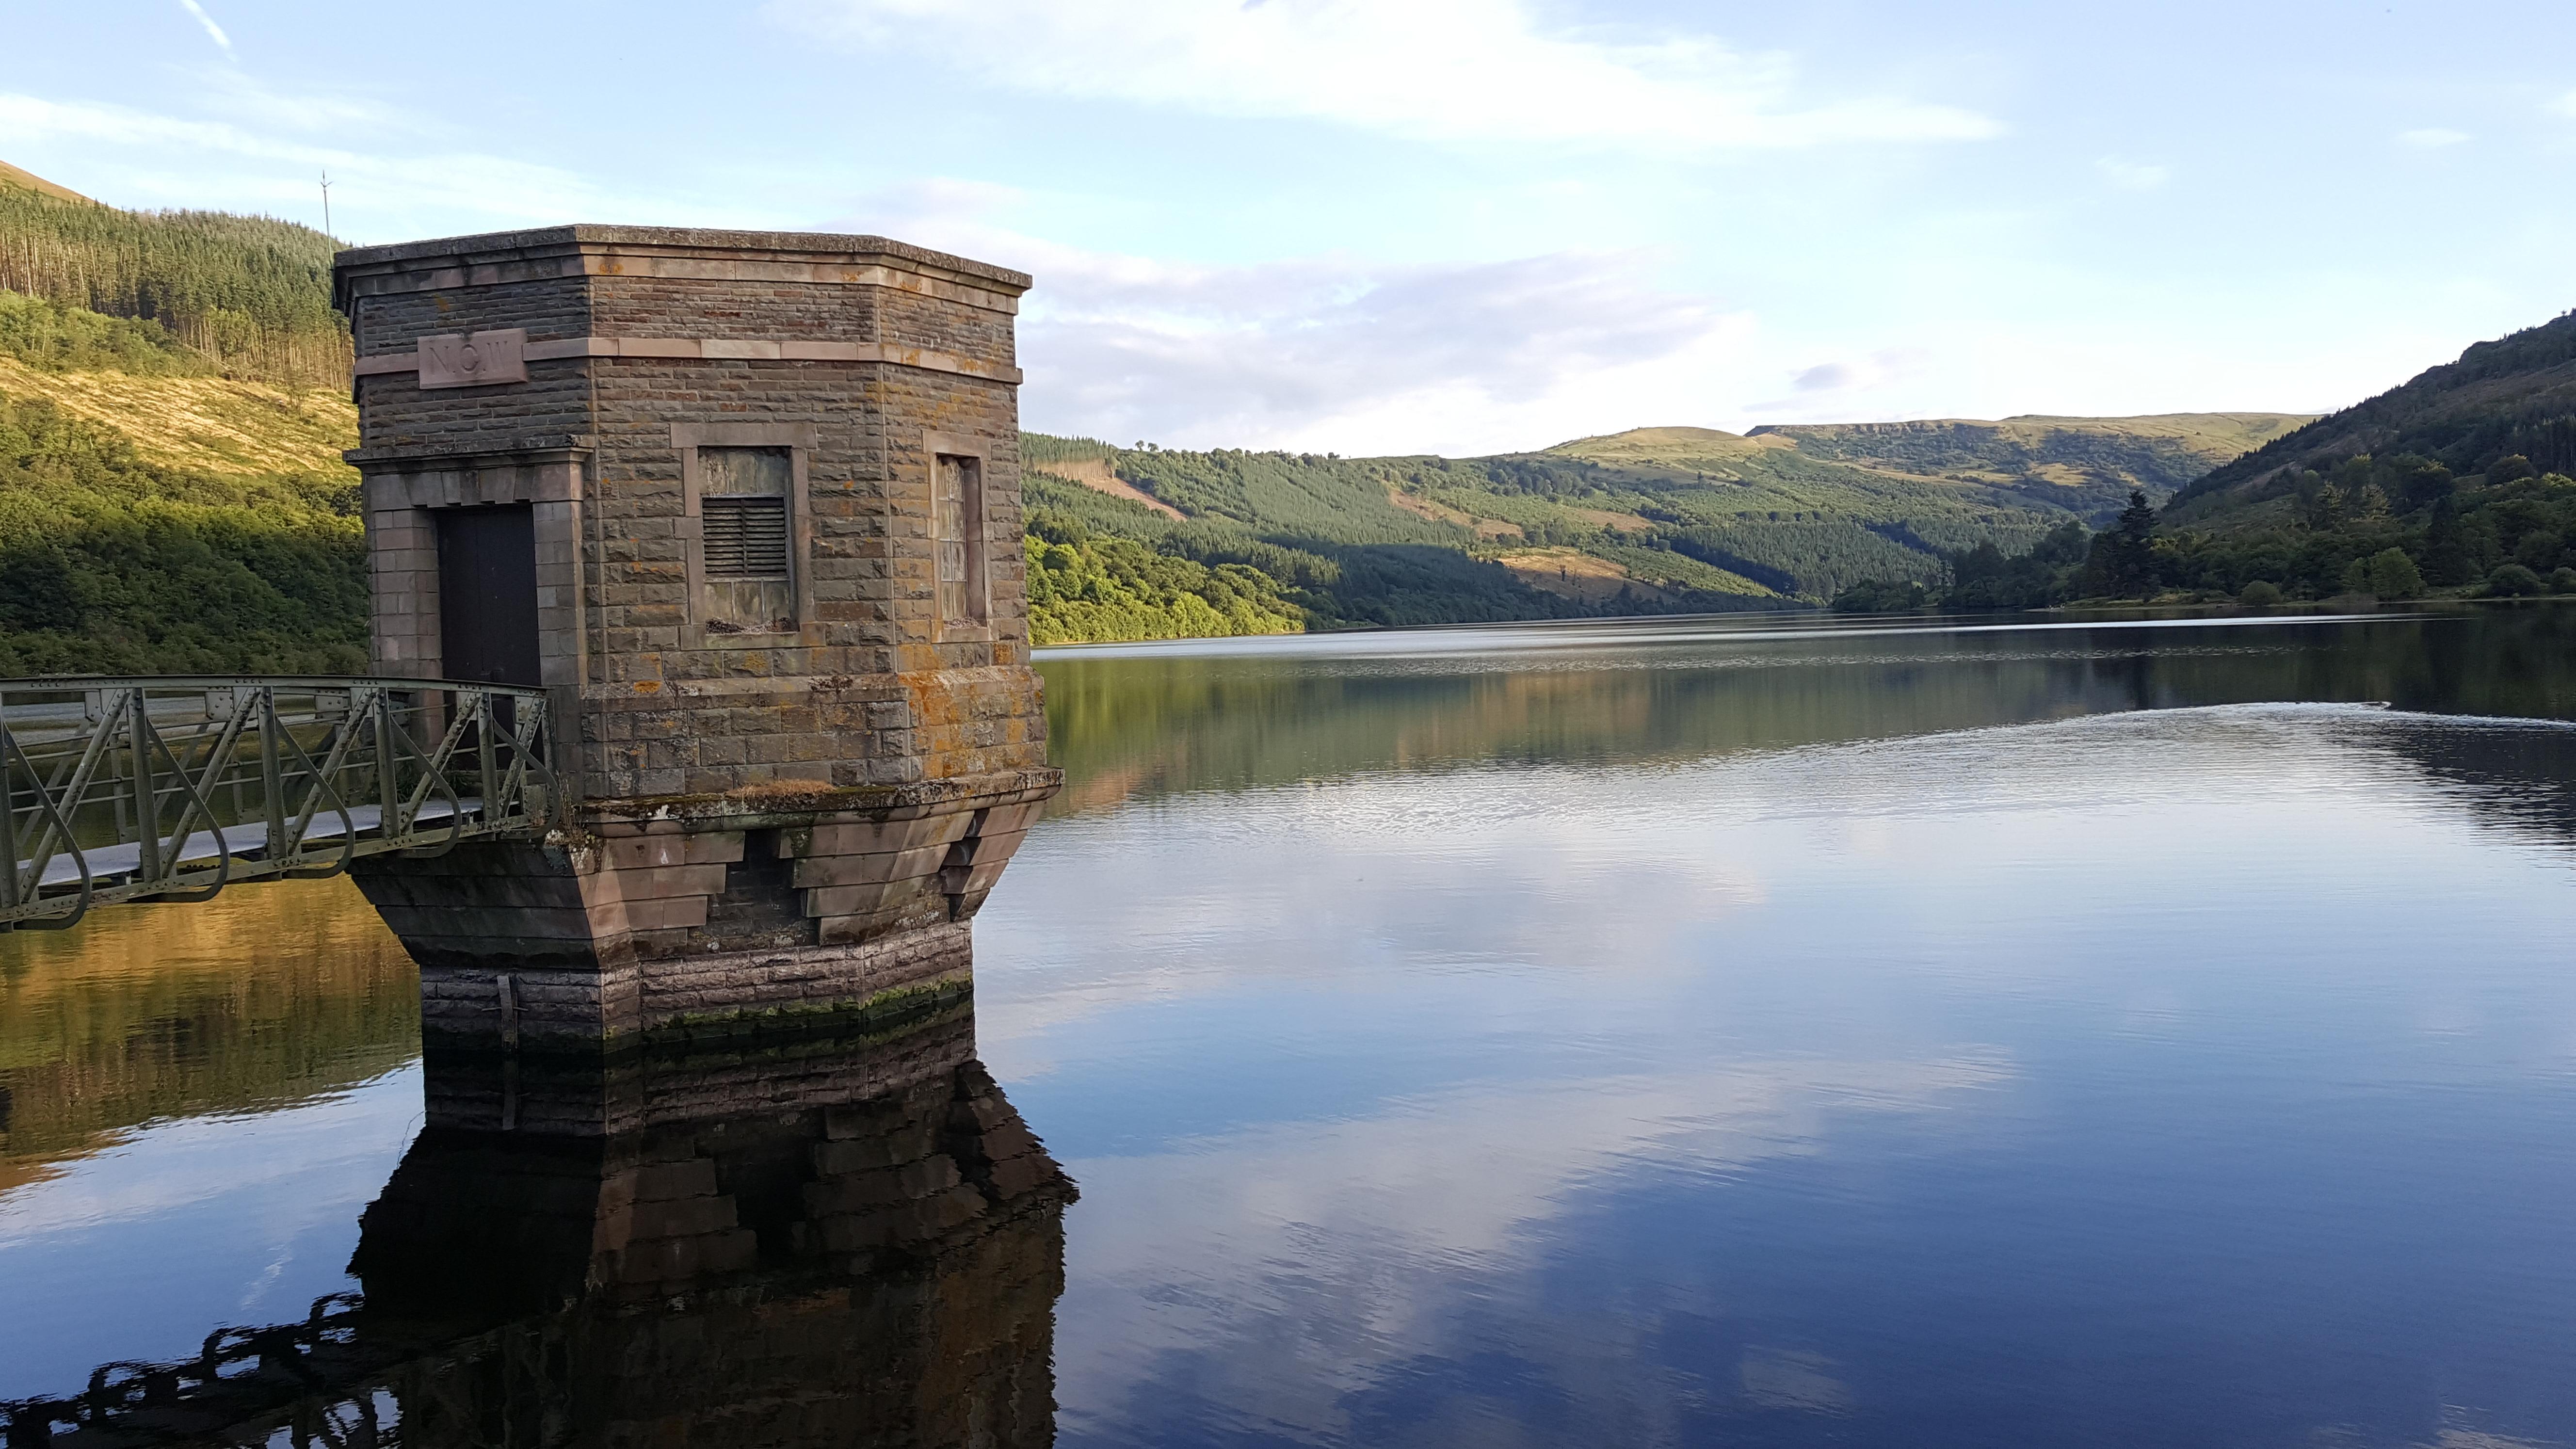 A view from Talybont Reservoir